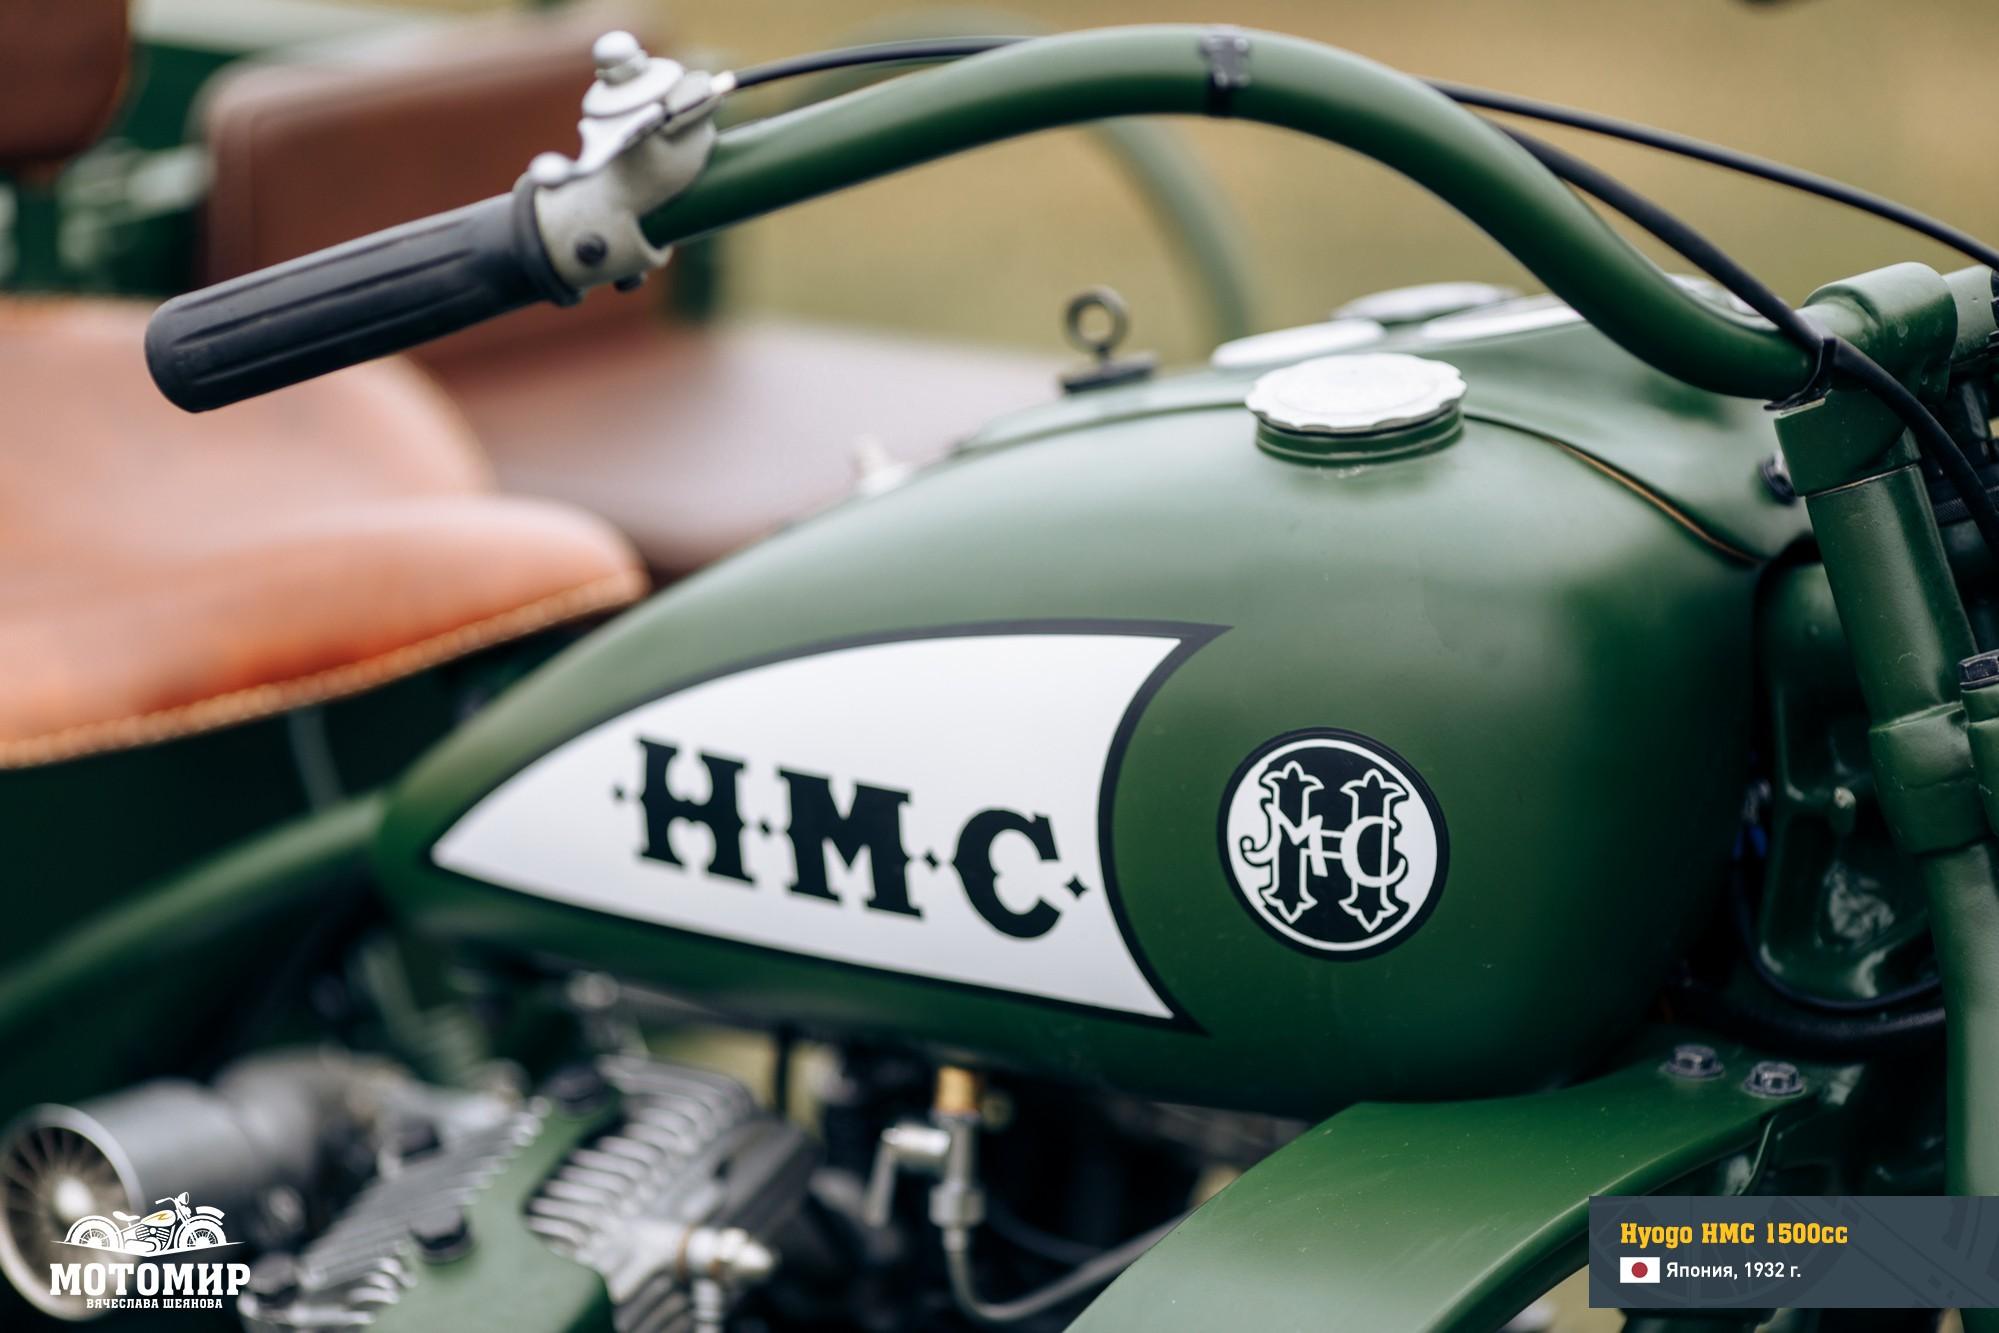 hyogo-hmc-1500-cc-web-09